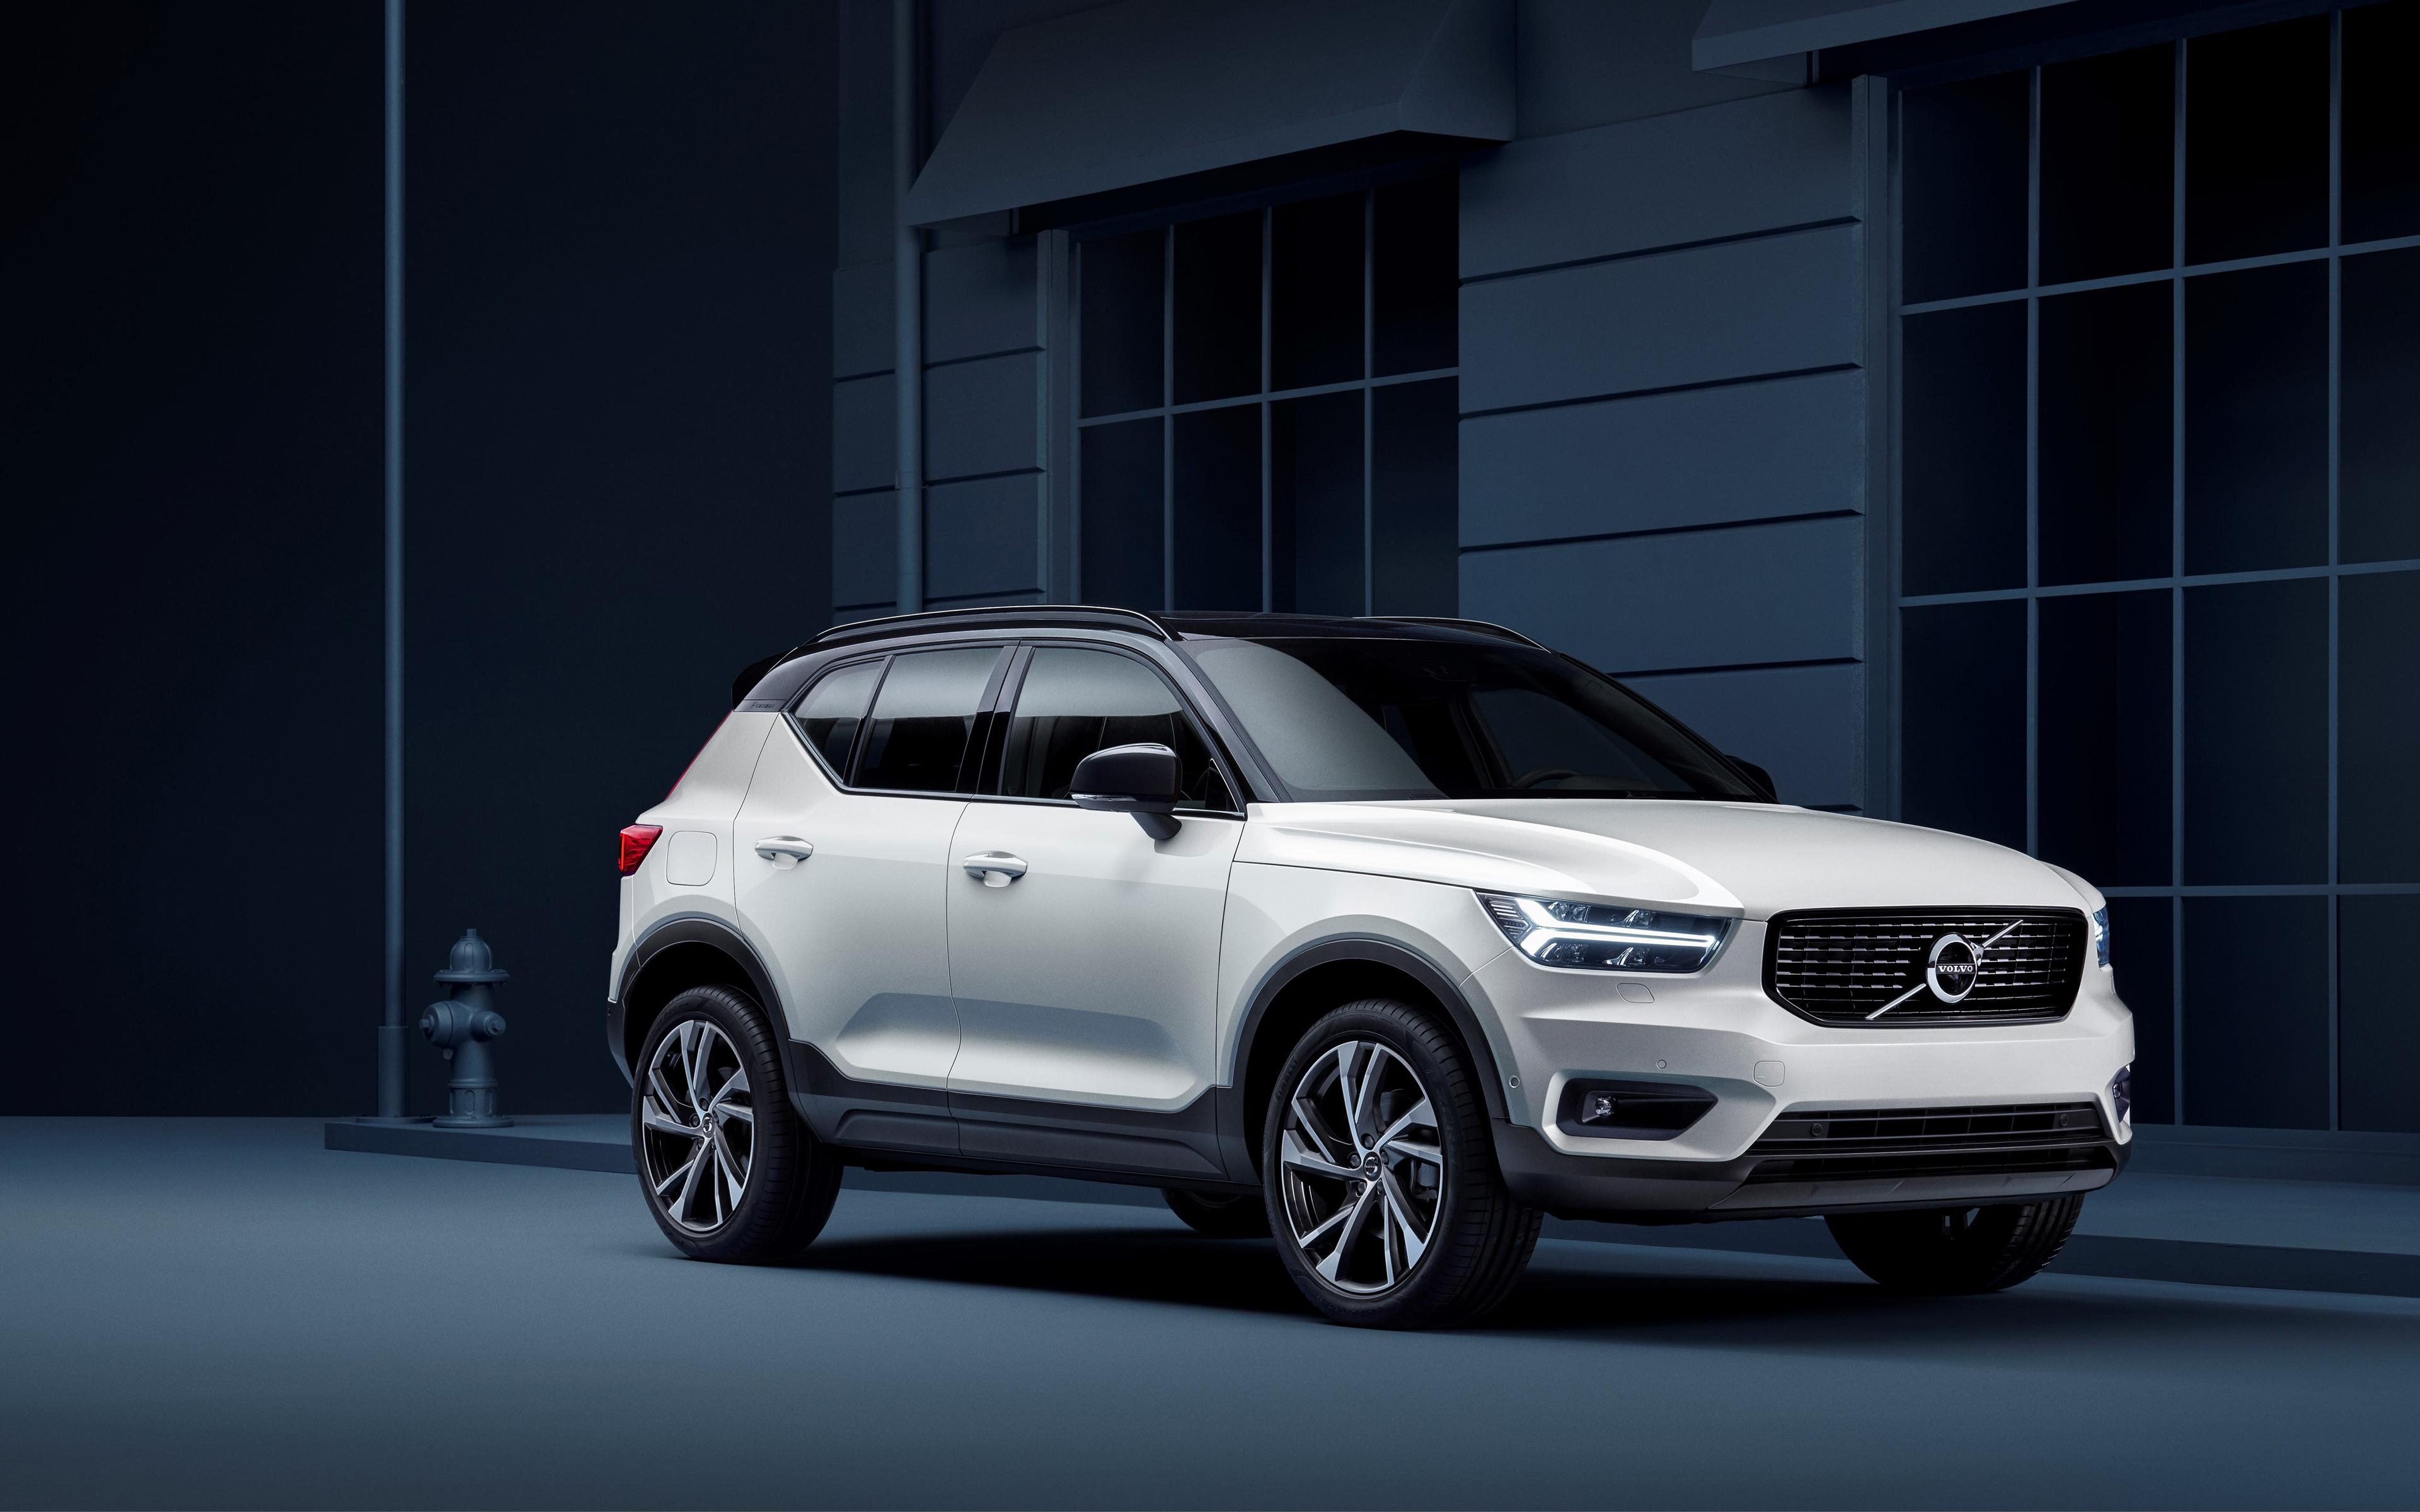 2019 Volvo обои скачать